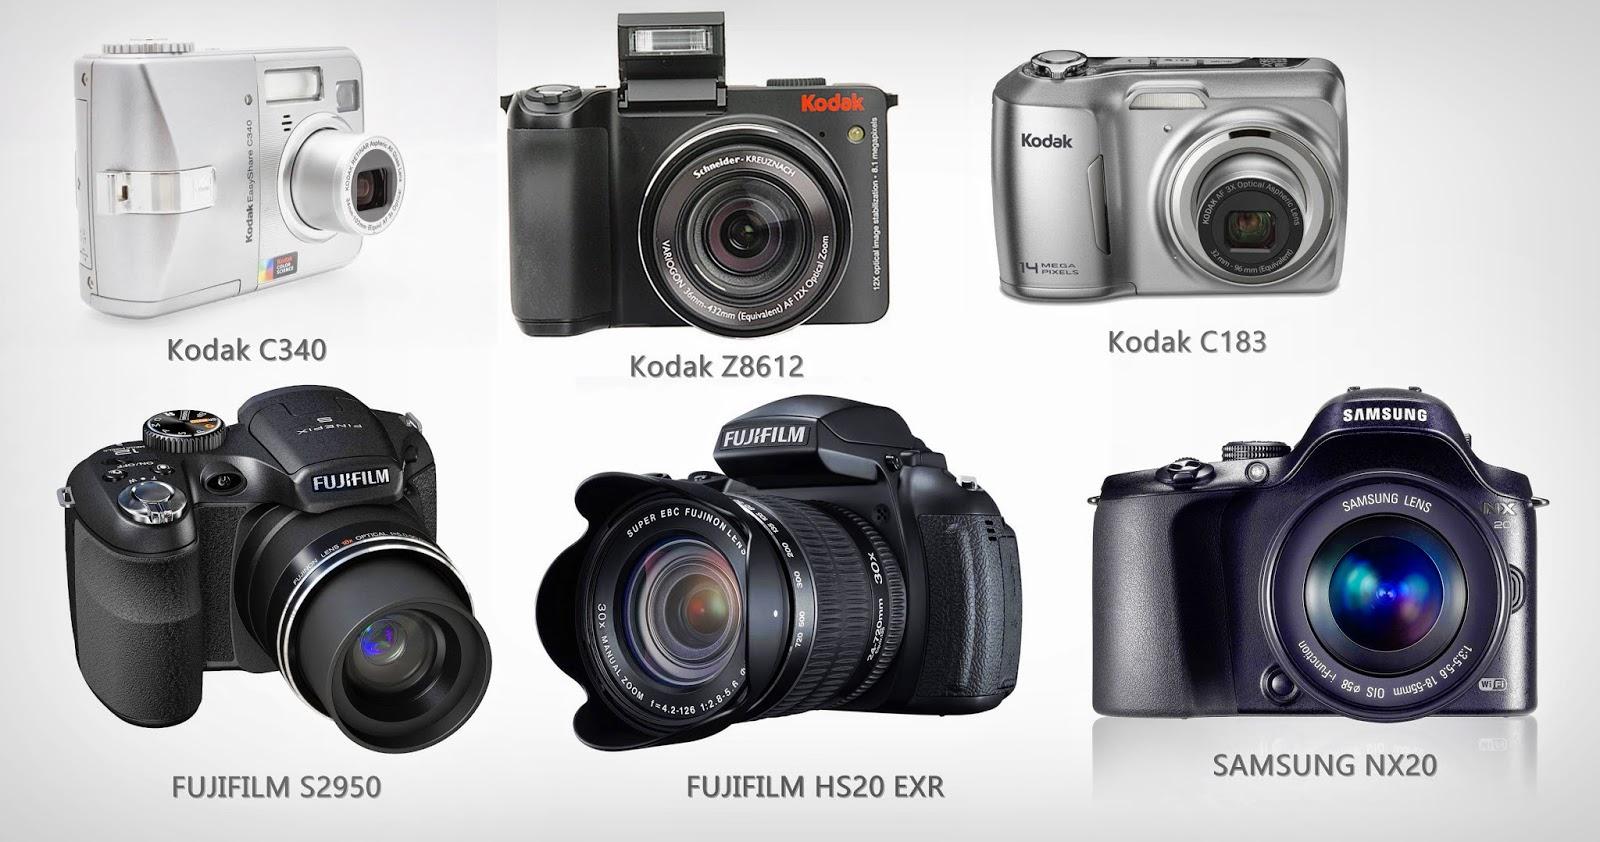 Kodak C183, Kodak C340, Fujifilm HS20 EXR, Samsung NX 20,Kodak Z8612